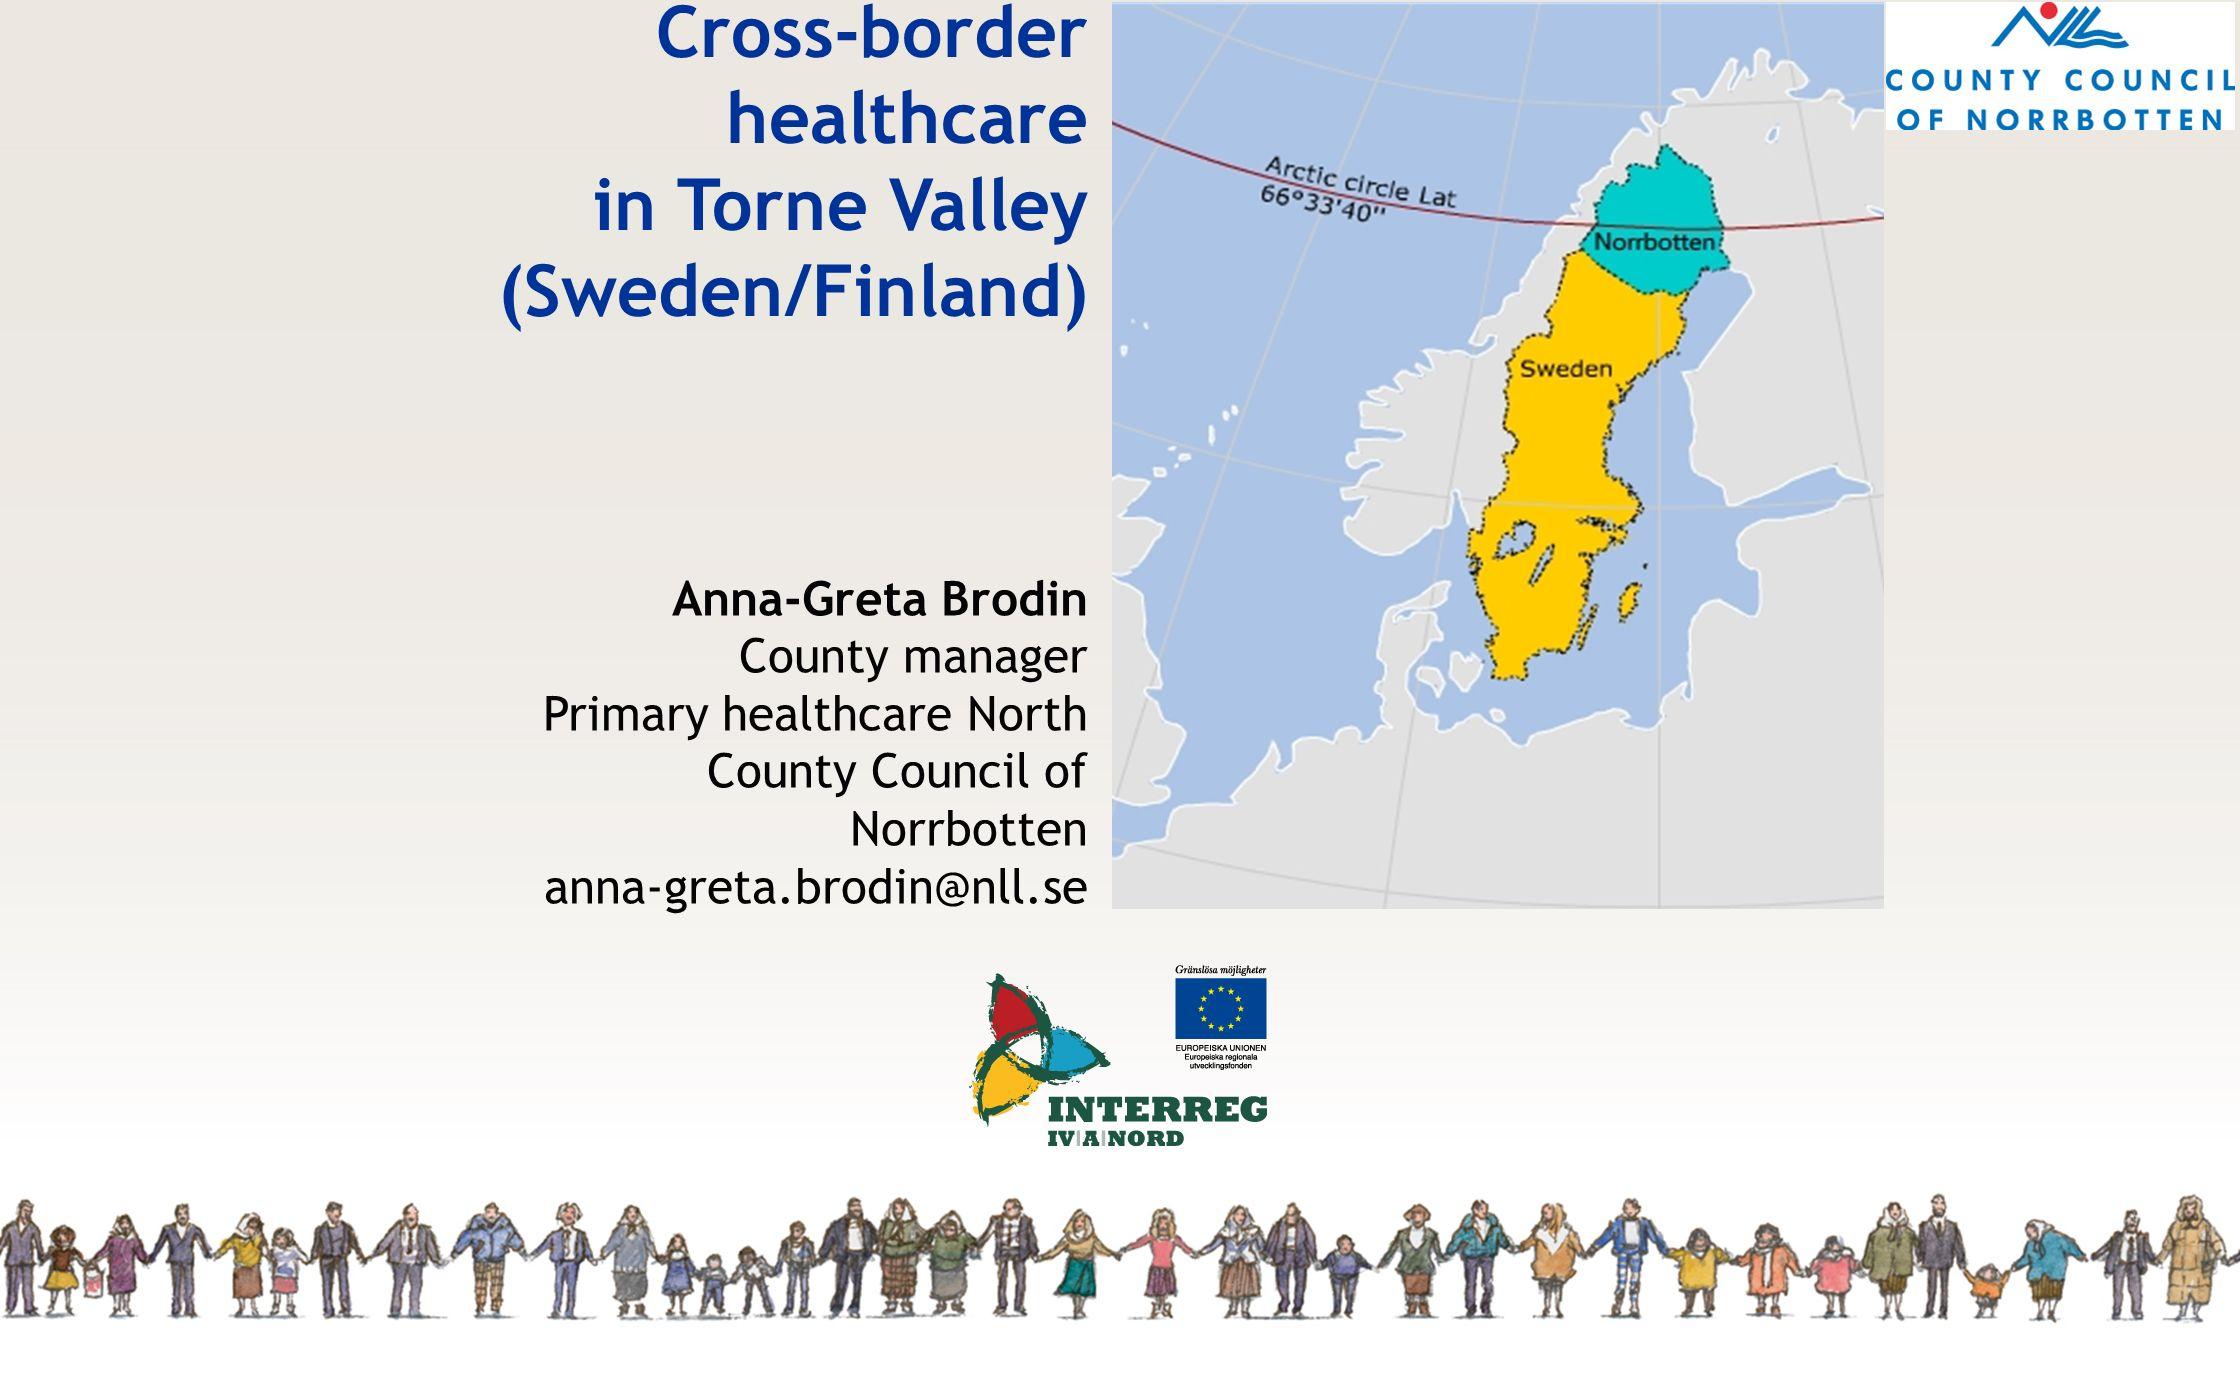 Cross-border healthcare in Torne Valley (Sweden/Finland)